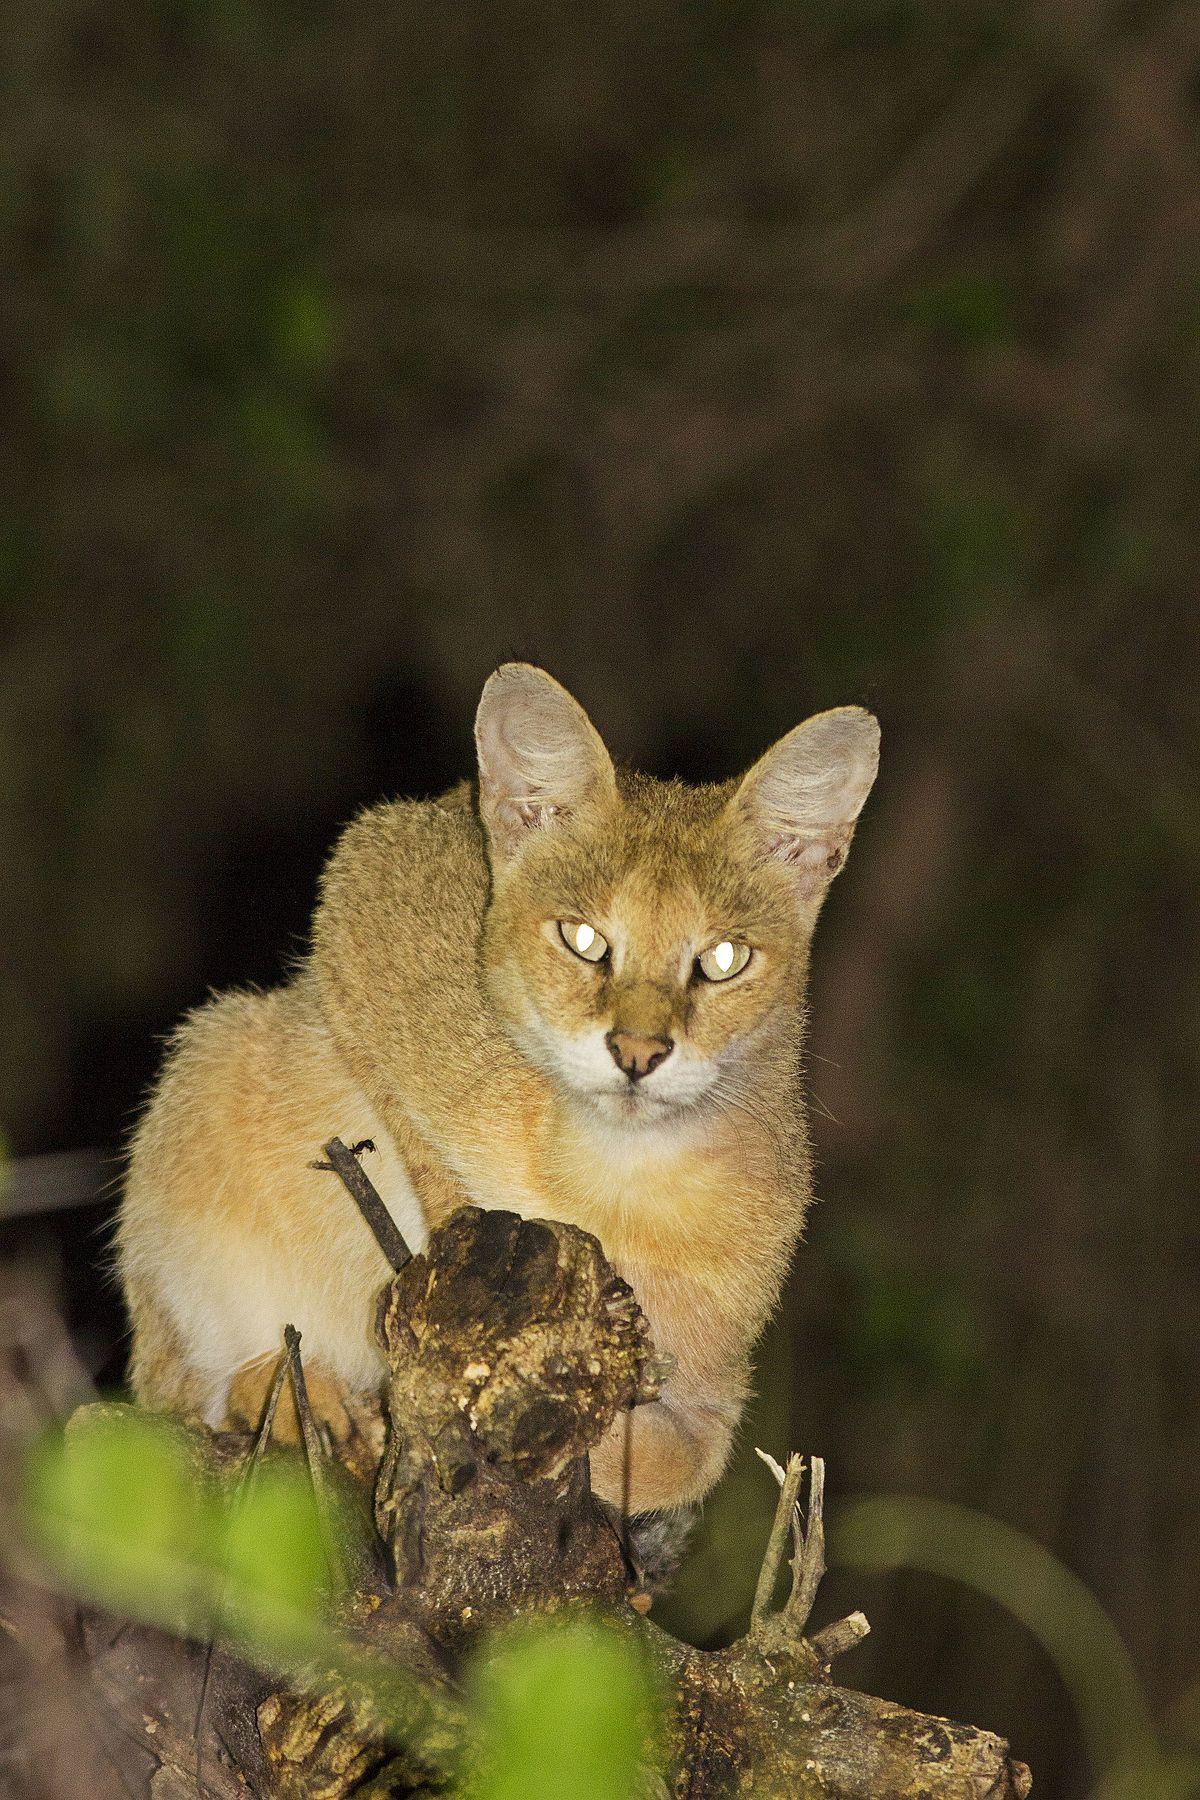 jungle cat wikipedia